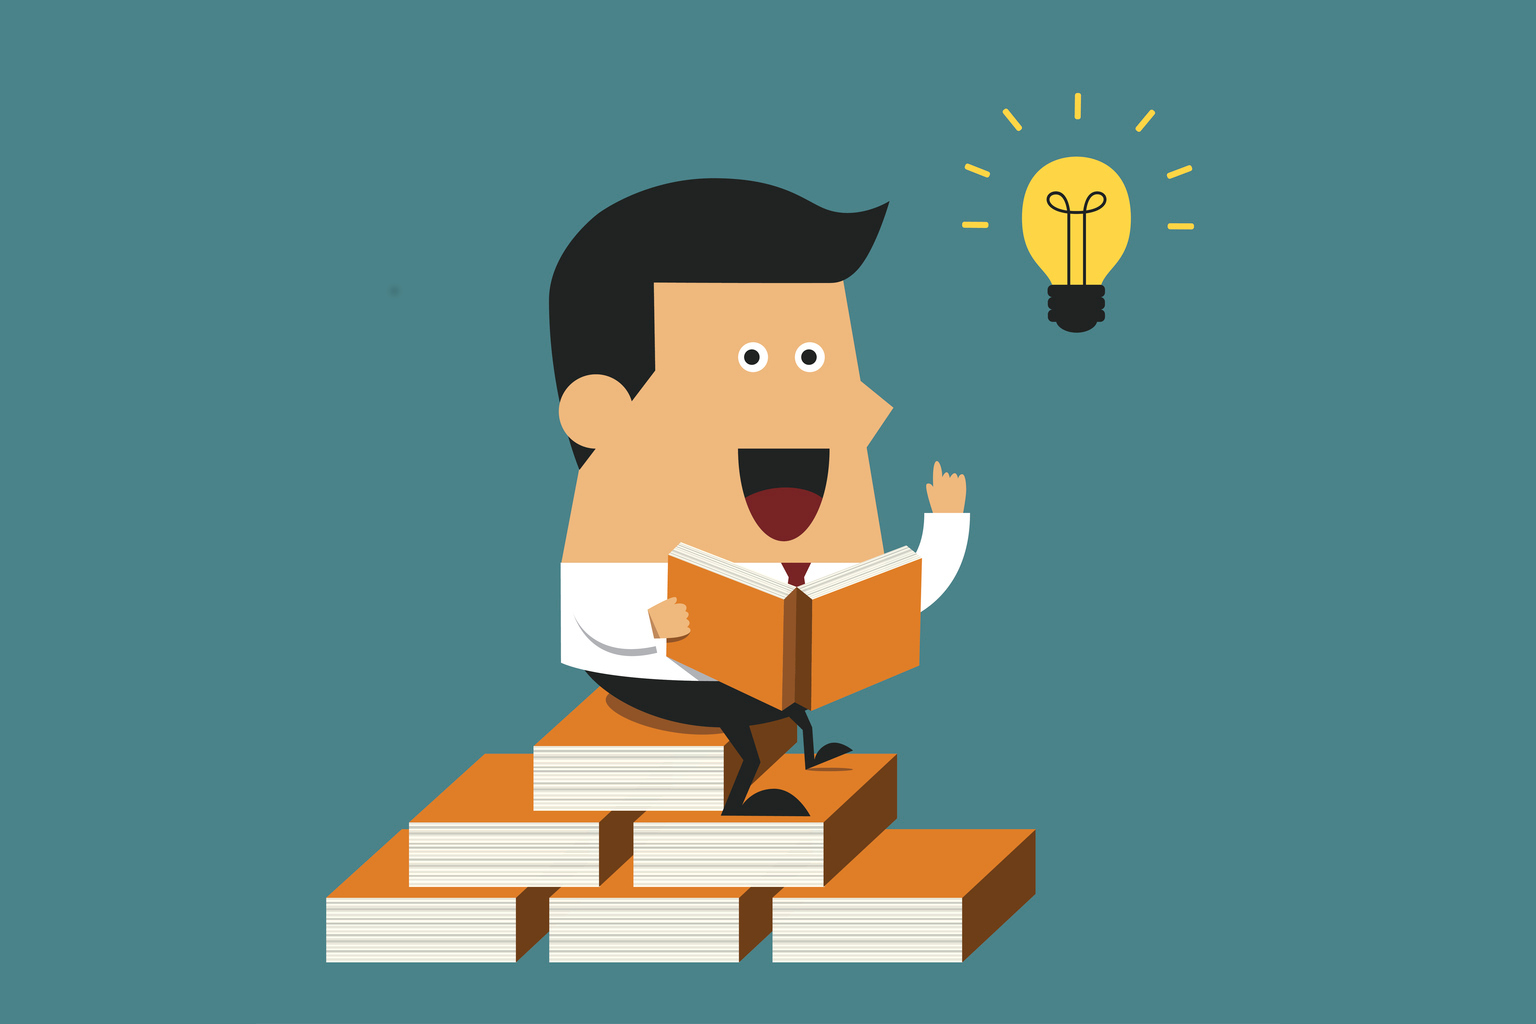 企業の採用戦略から考える「これからのB2B営業に必要な力」